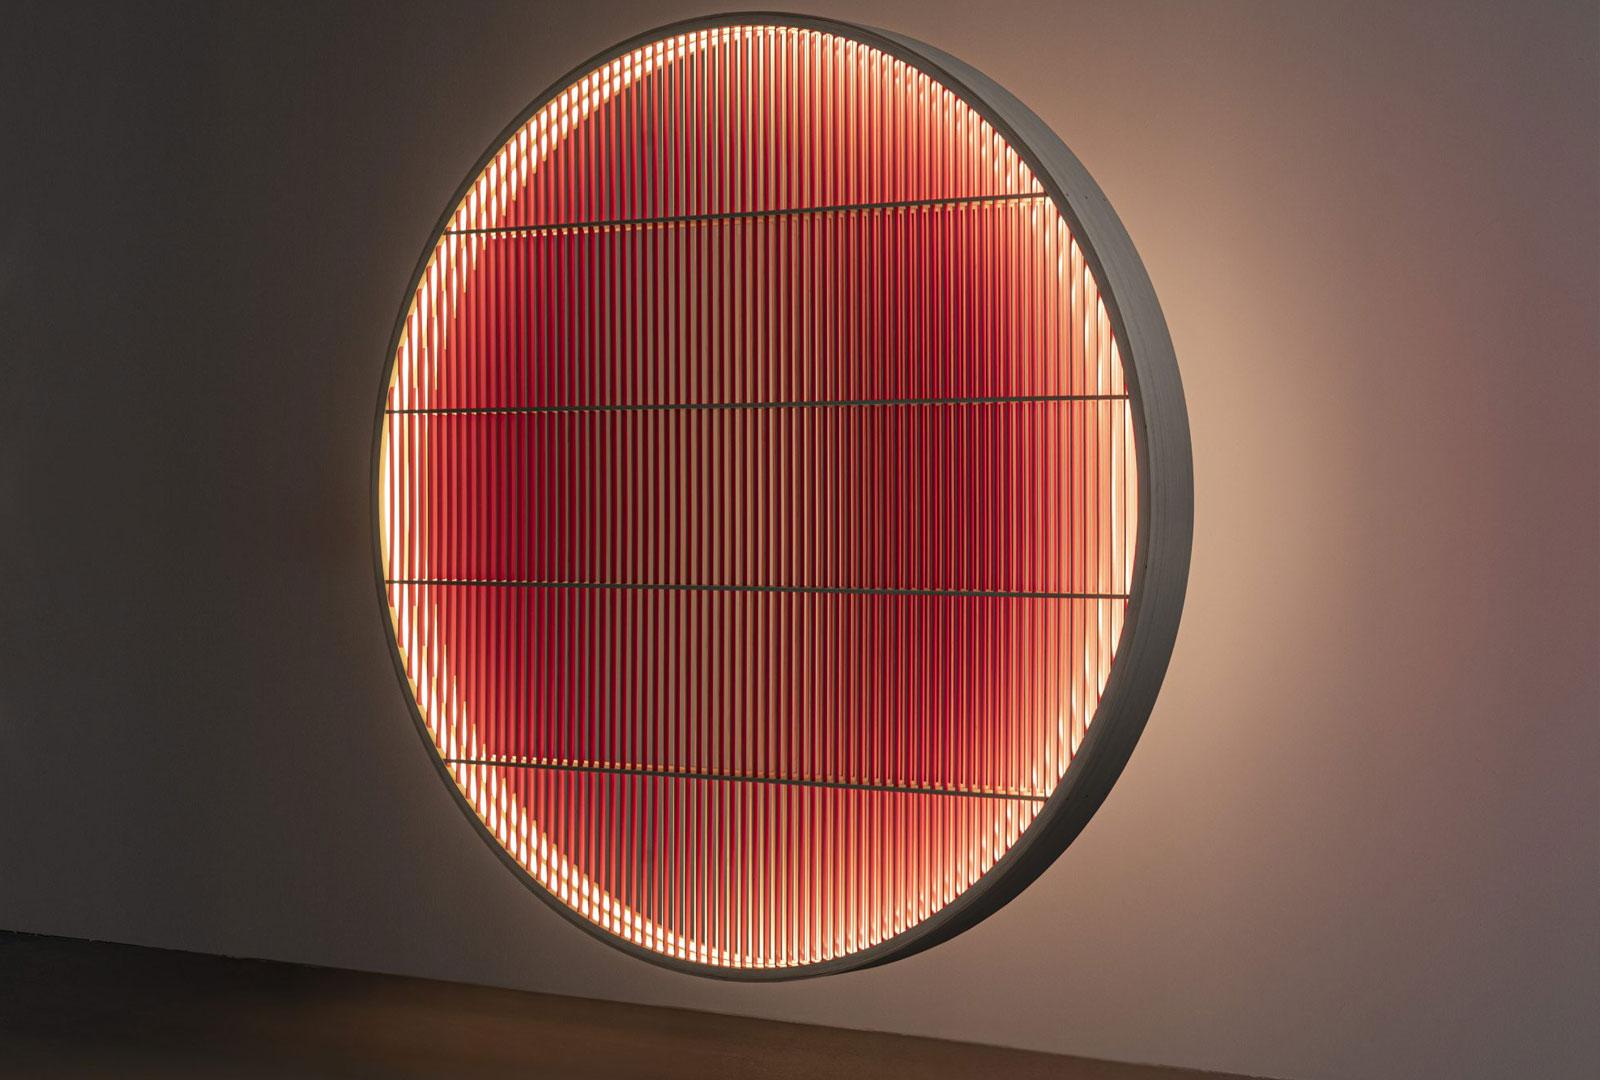 Alles eine Frage der Perspektive - Das Kurenai Light Object von Ane Lykke